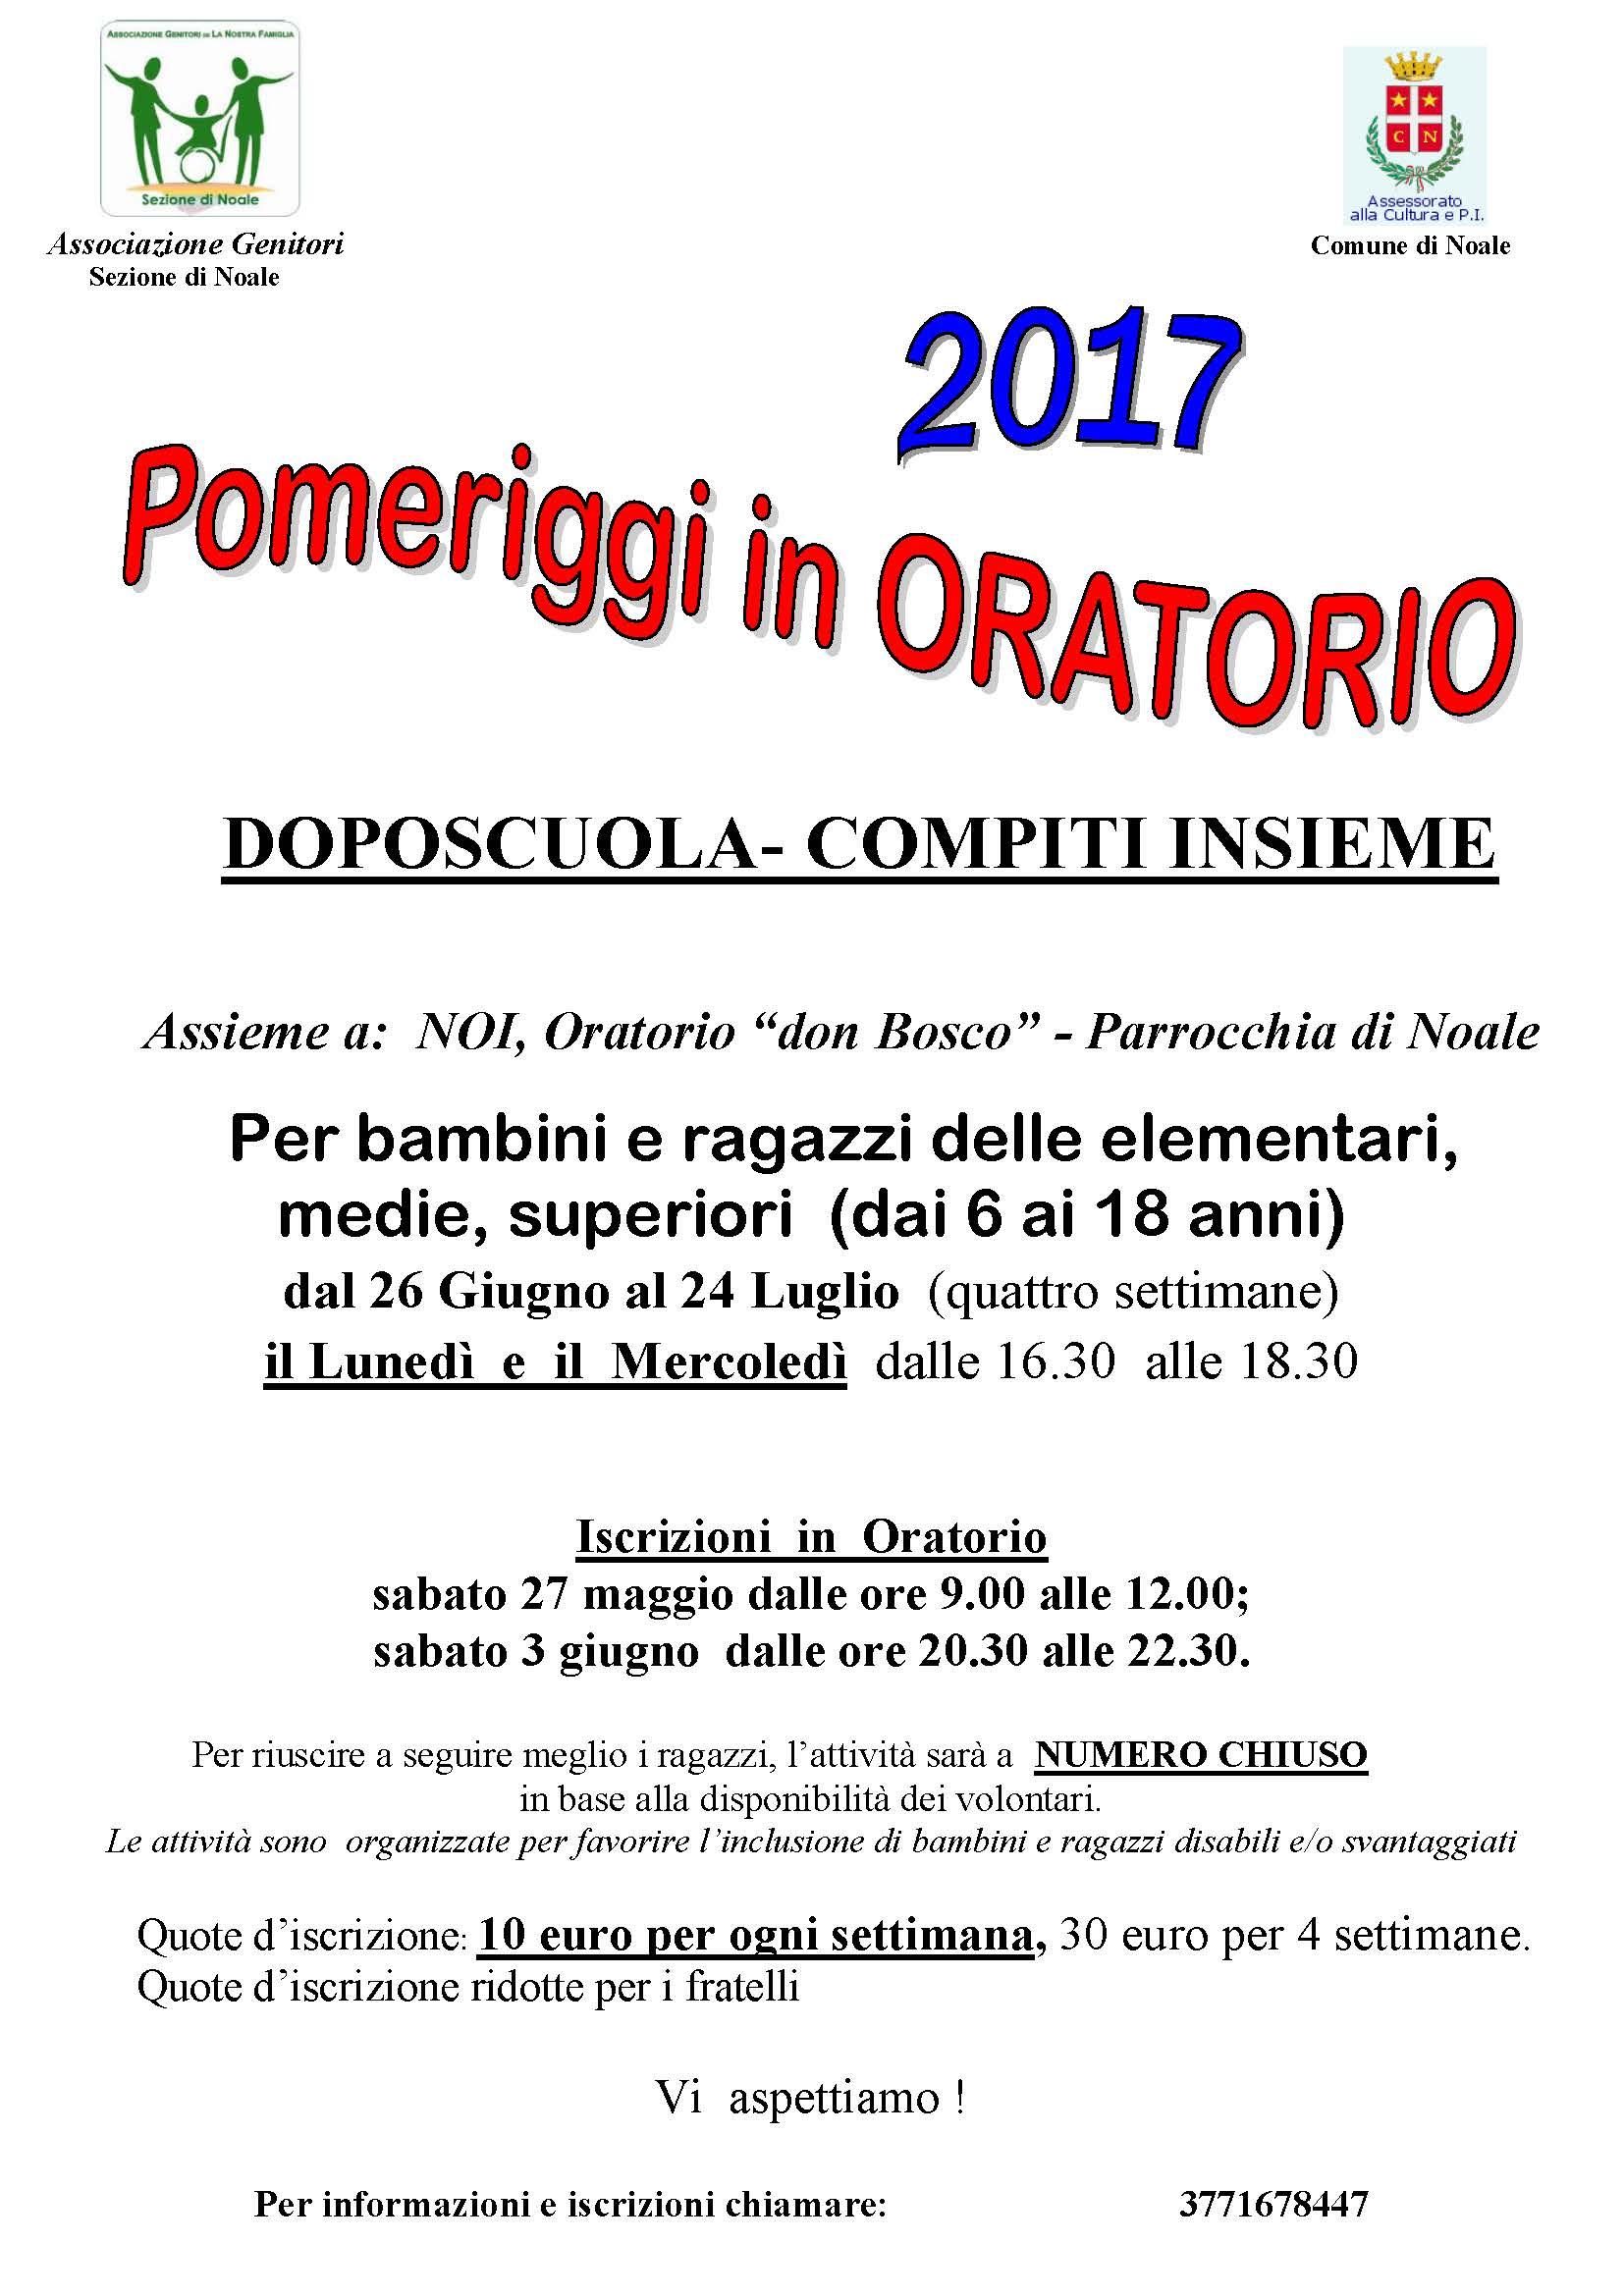 Locandina Pomeriggi in Oratorio 2017